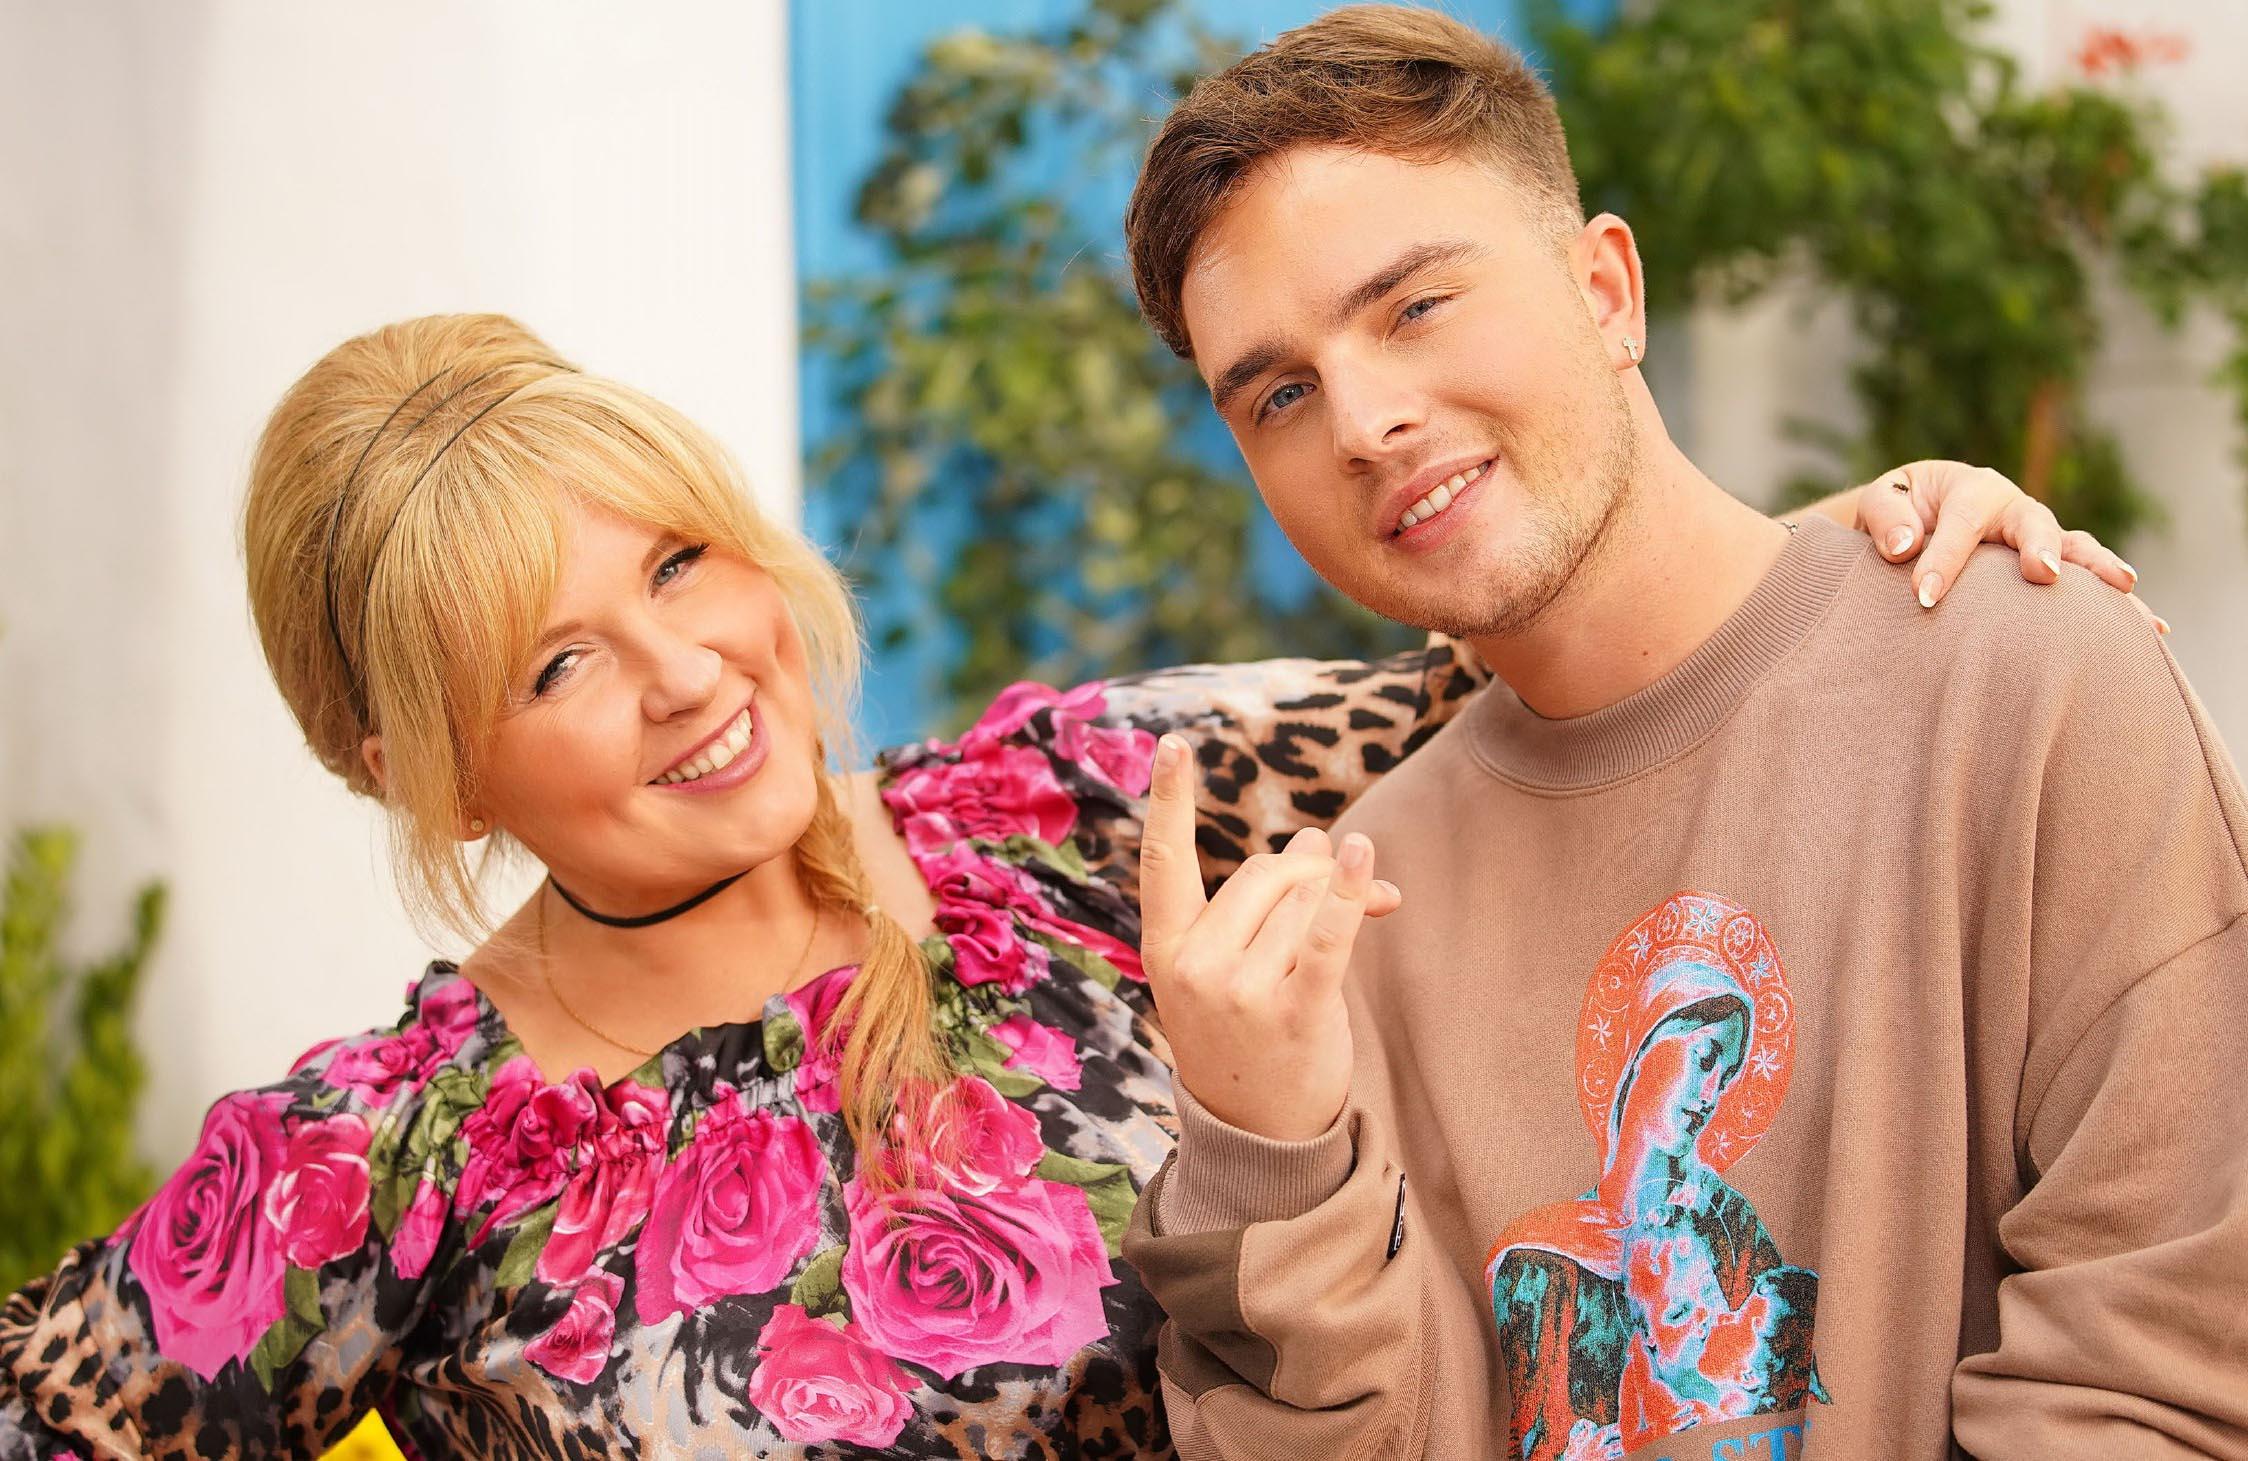 DSDS - Maite Kelly und Mike Singer - Deutschland sucht den Superstar